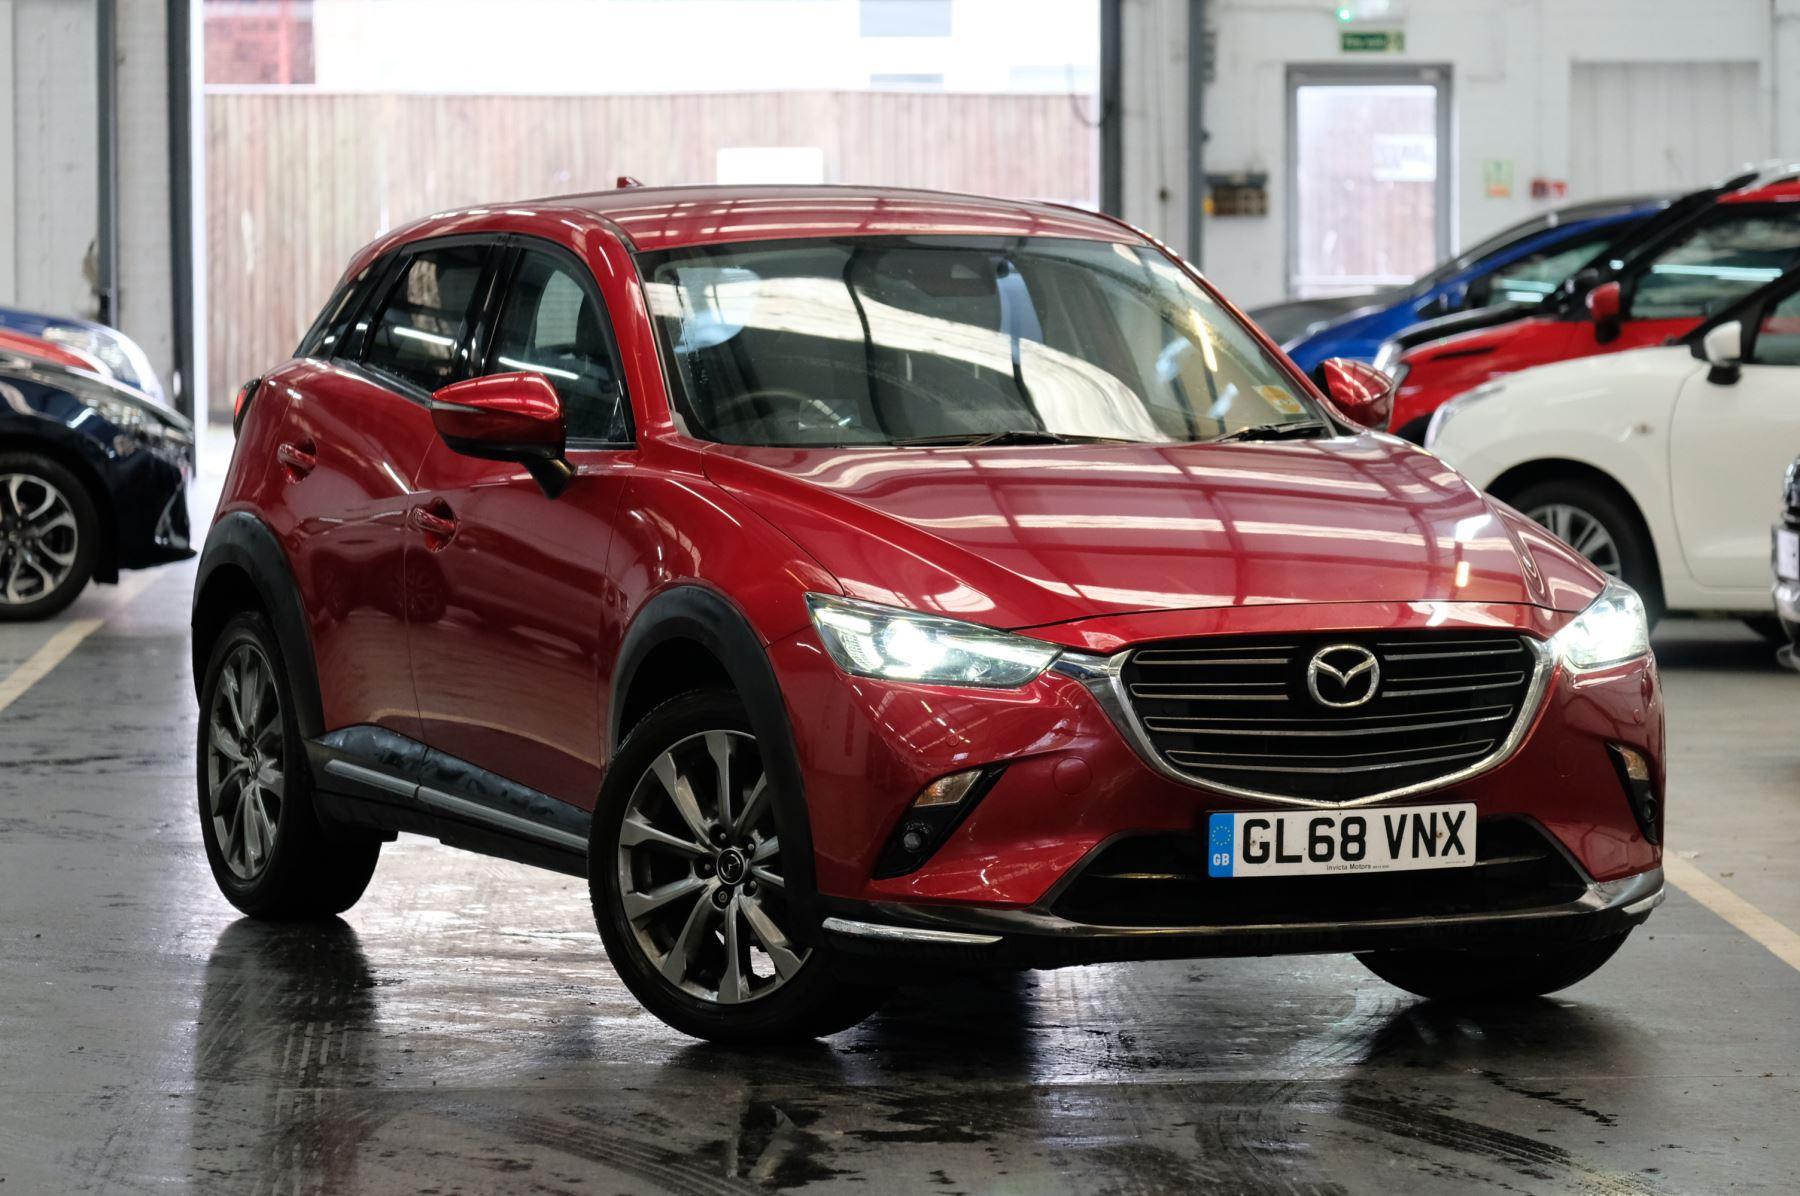 Mazda CX-3 2.0 Sport Nav + 5dr Hatchback (2018) image